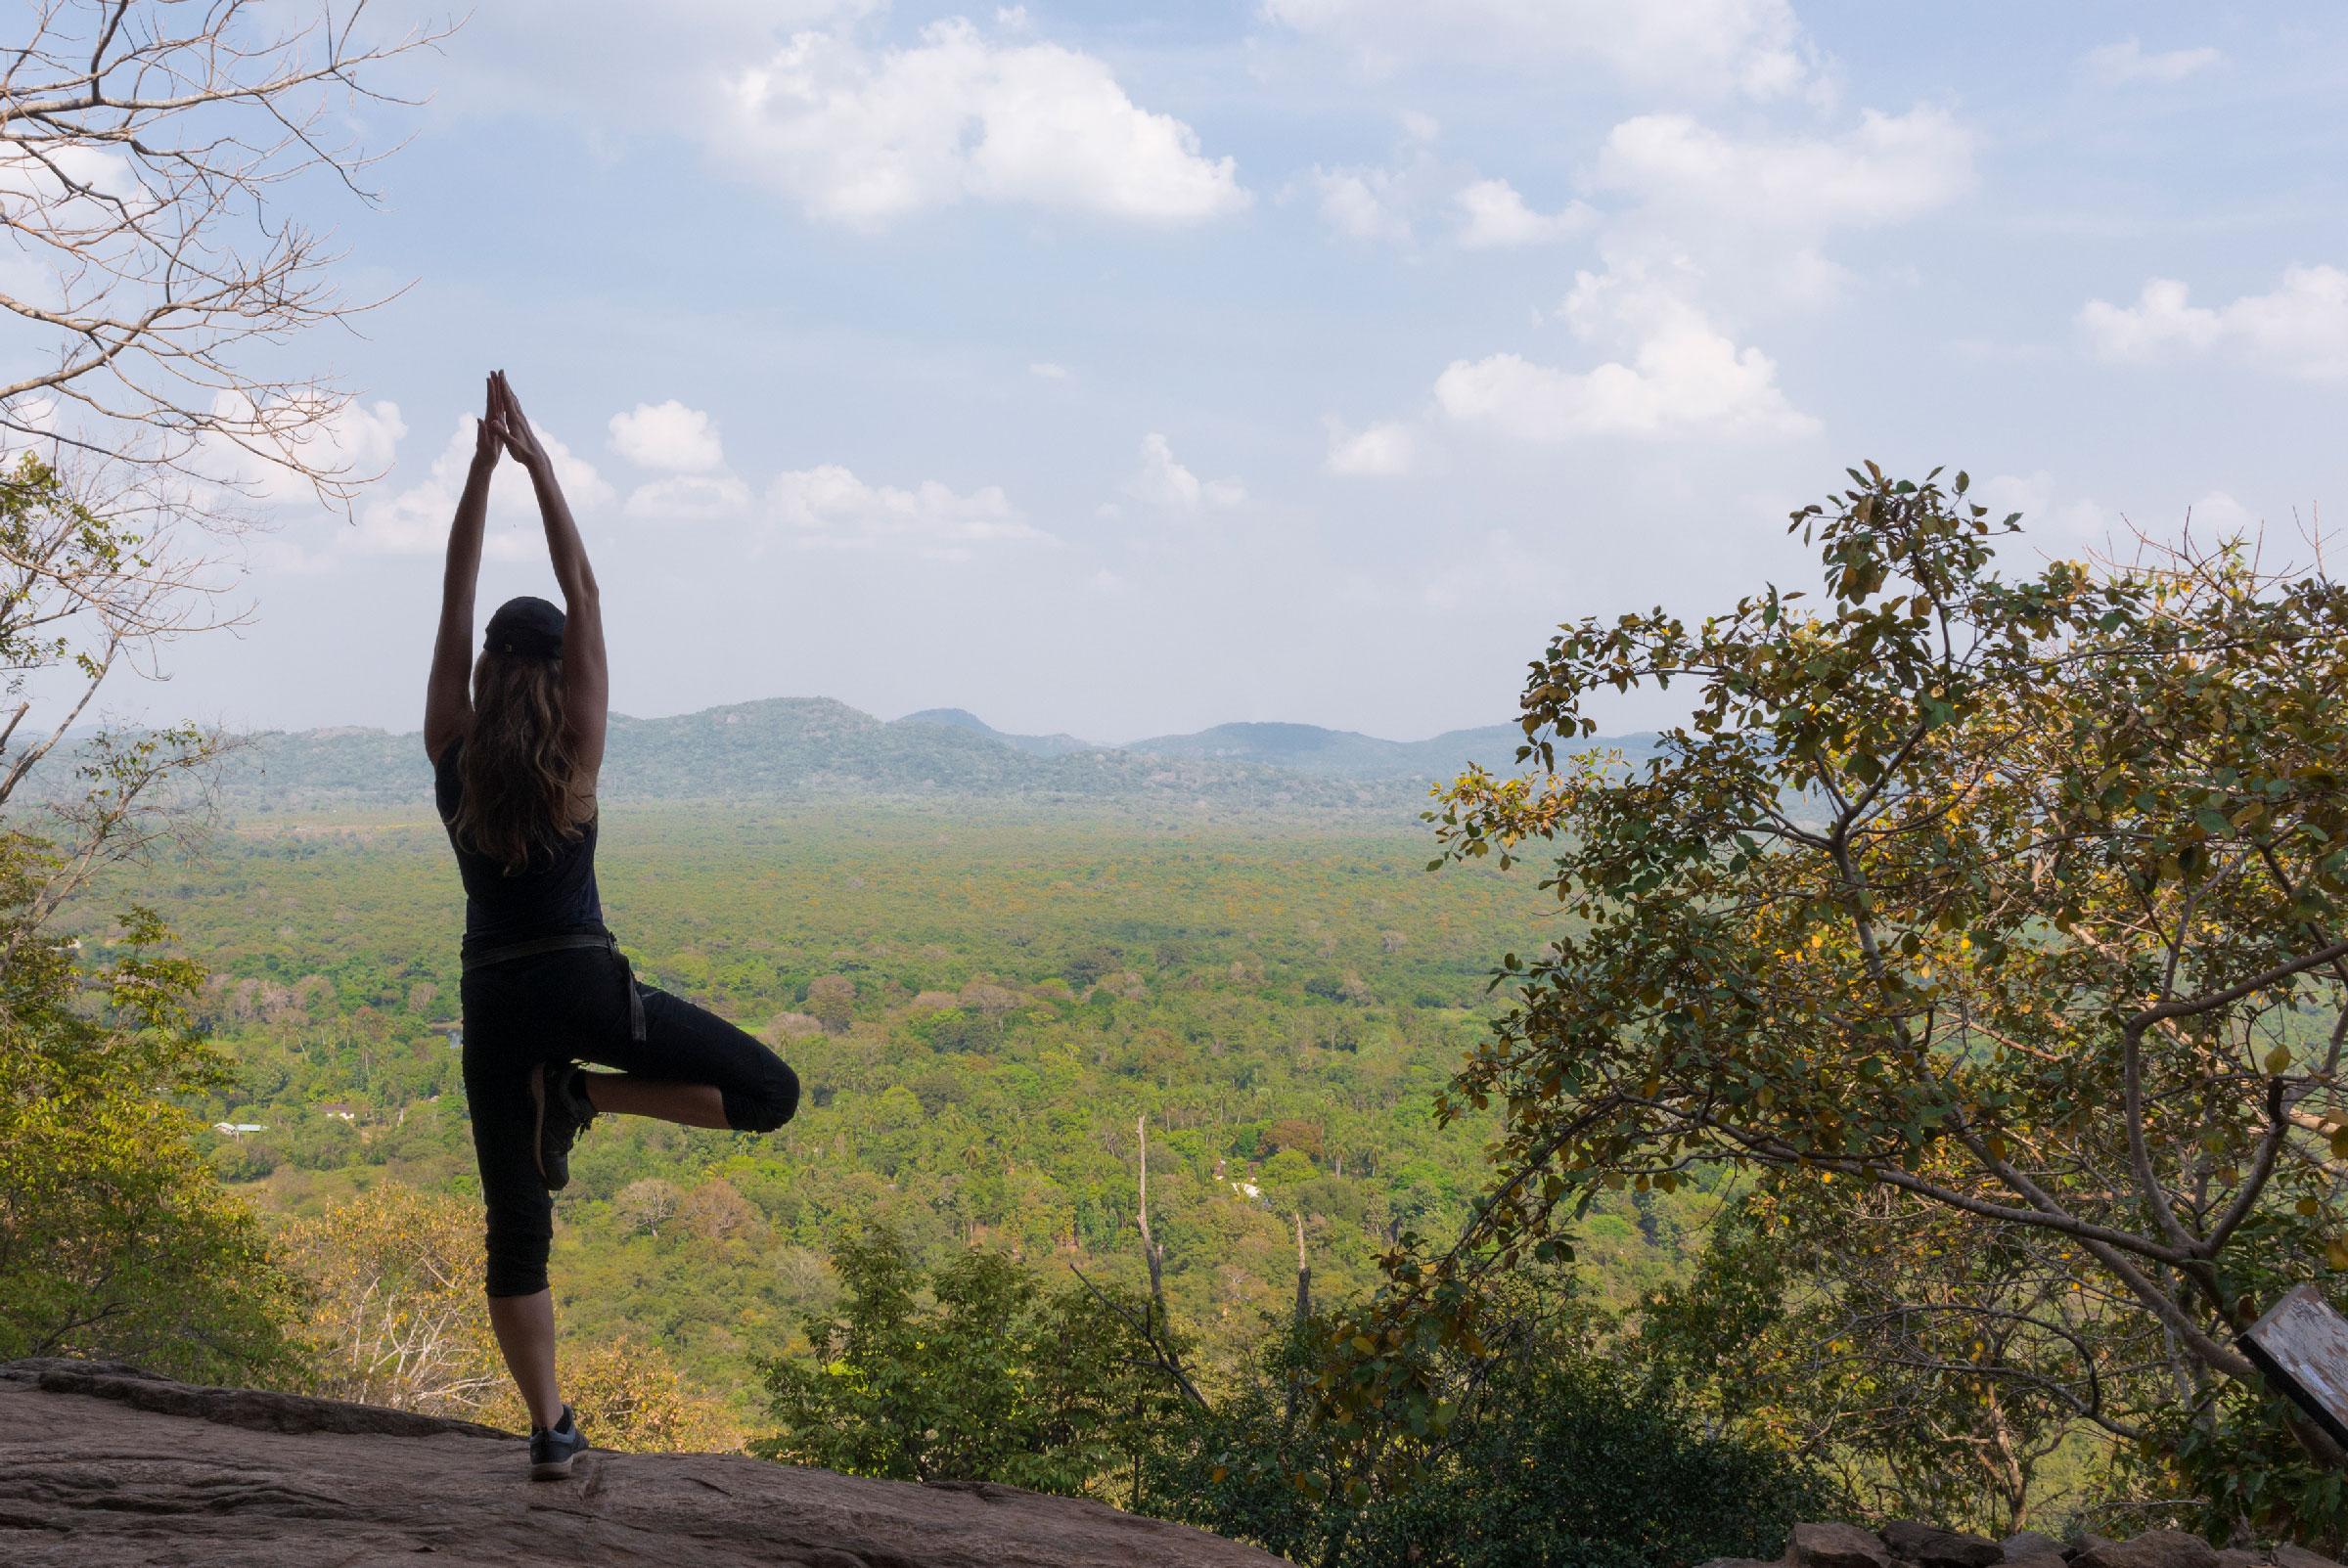 Photographie d'une femme en posture de l'arbre surplombant une forêt.